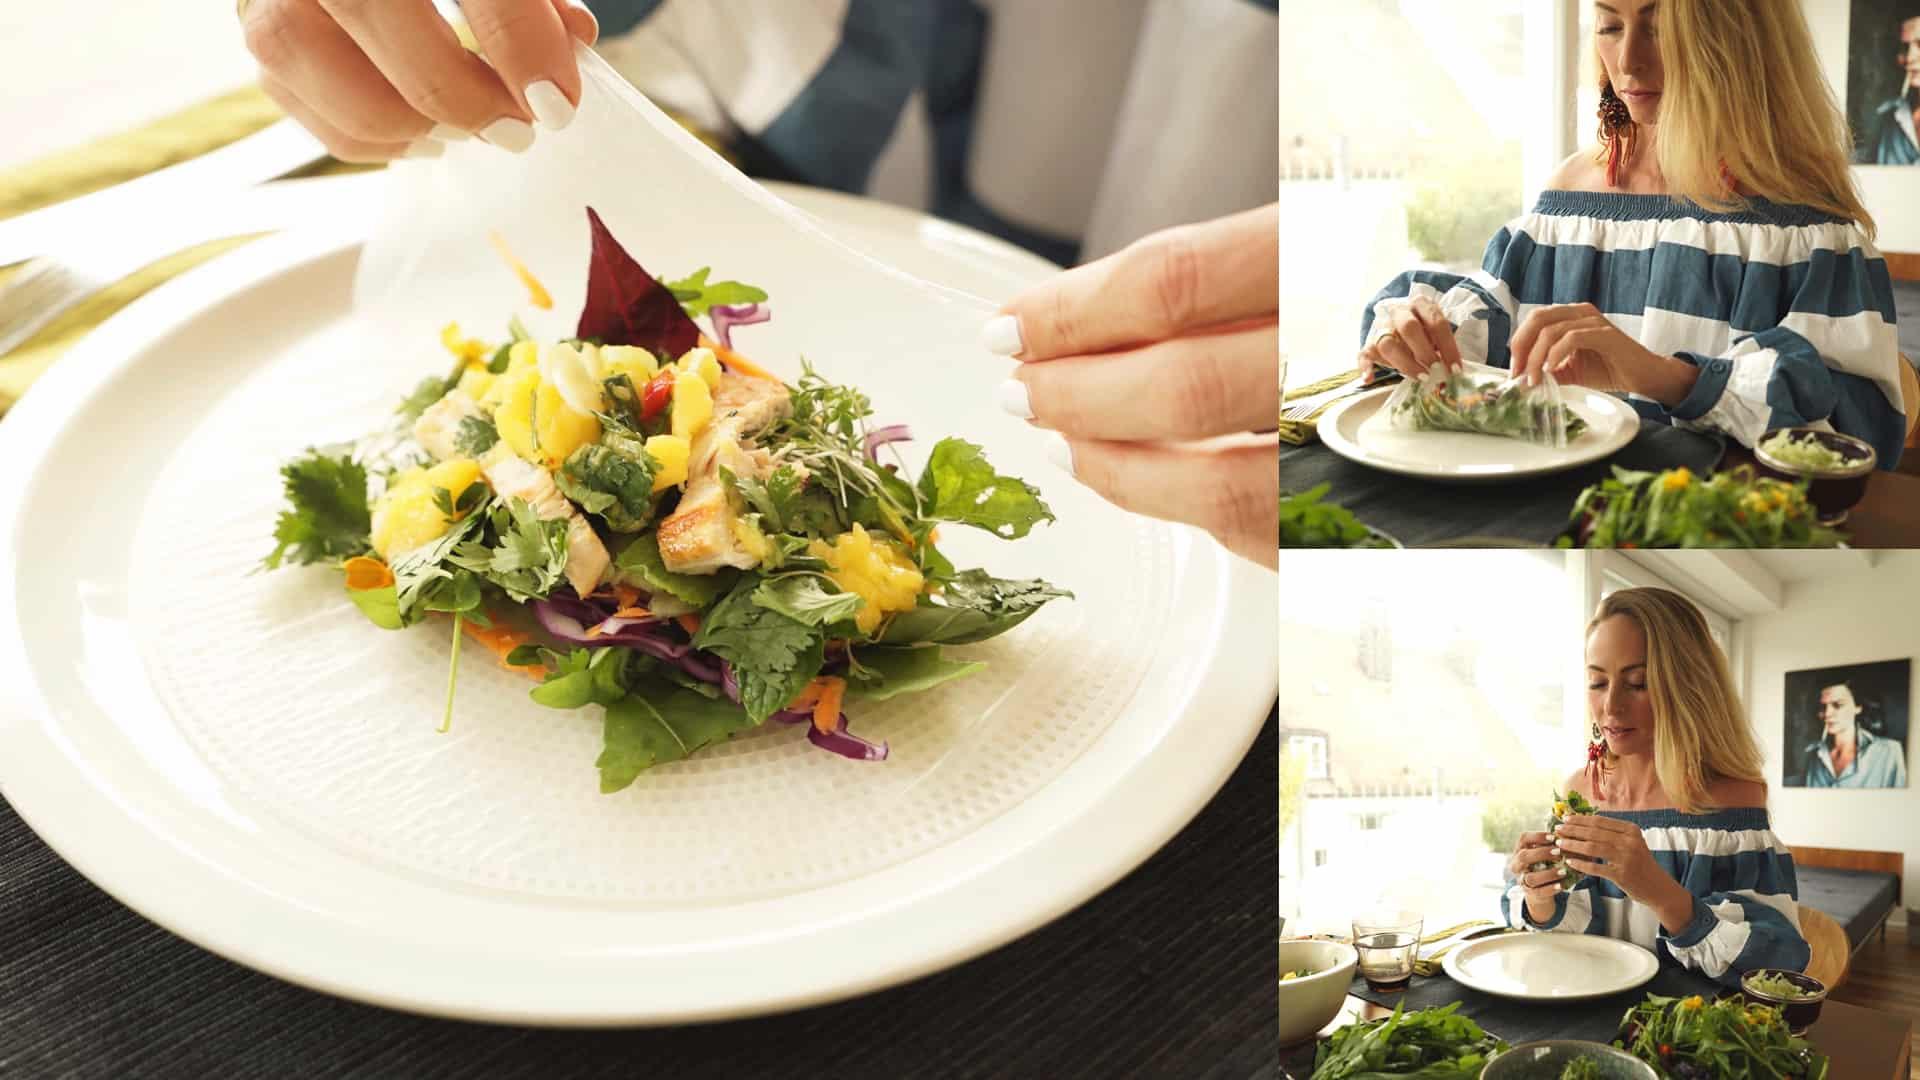 Handarbeit: nach Belieben werden die Zutaten am Tisch mit dem Reispapier zu Rollen gedreht